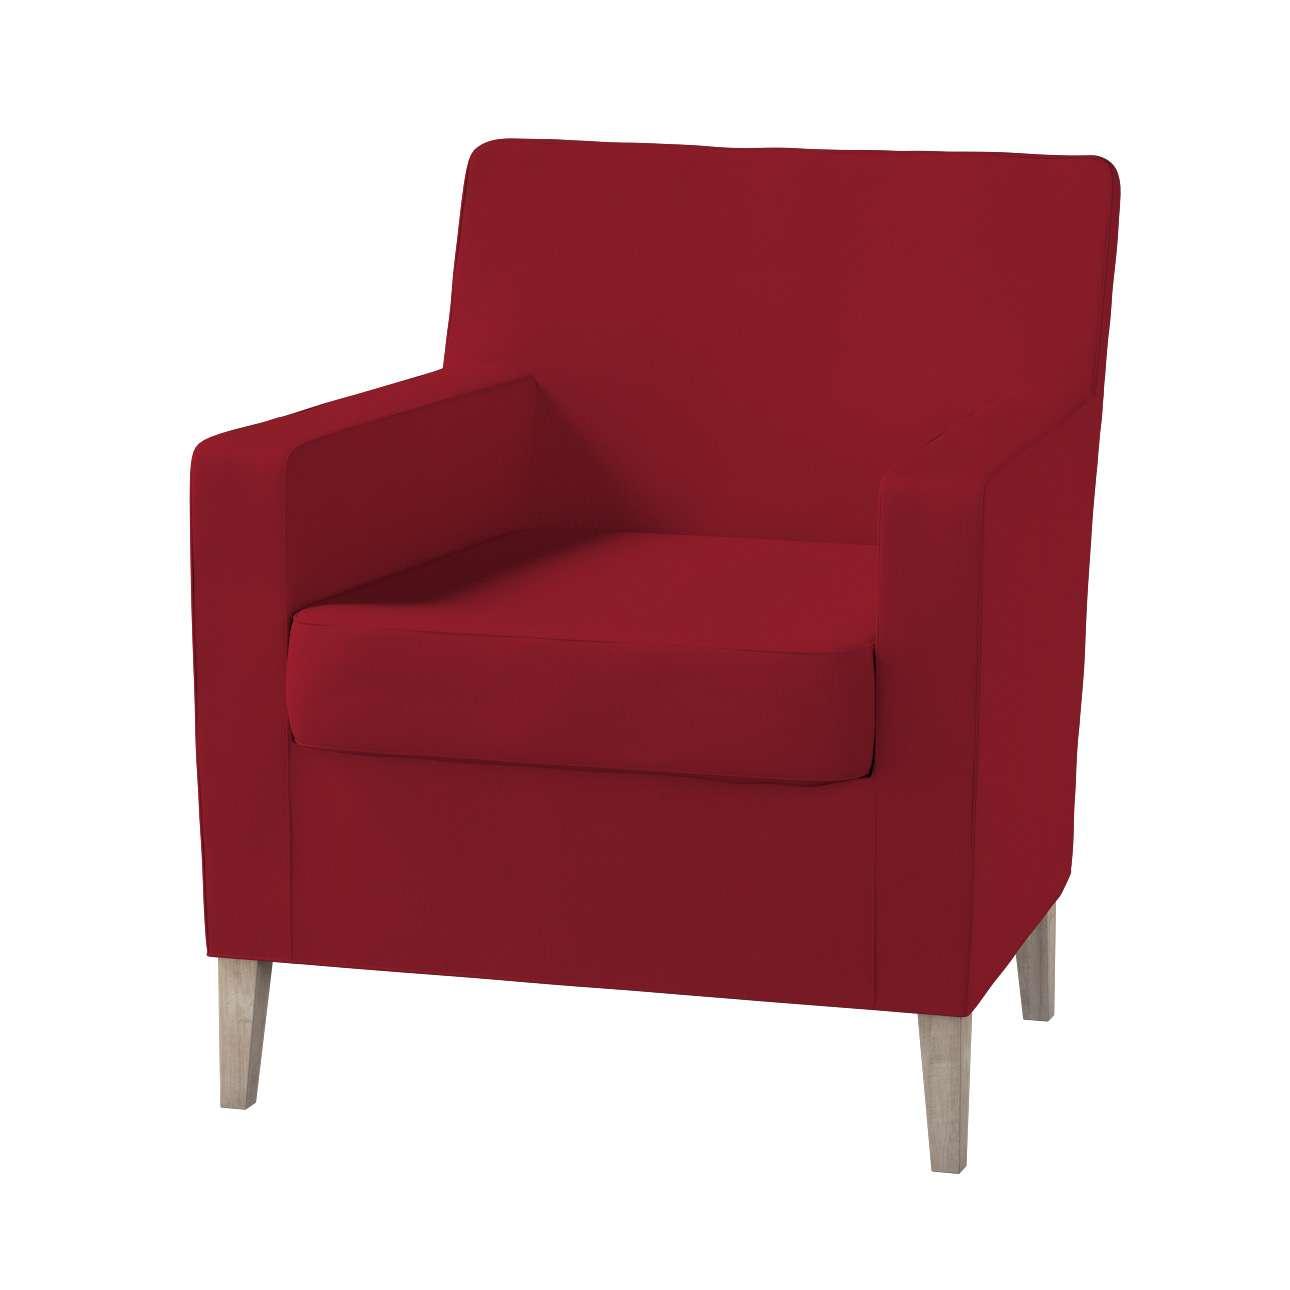 Karlstad fotelio-kėdės užvalkalas Karlstad fotelio - kėdės užvalkalas kolekcijoje Chenille, audinys: 702-24